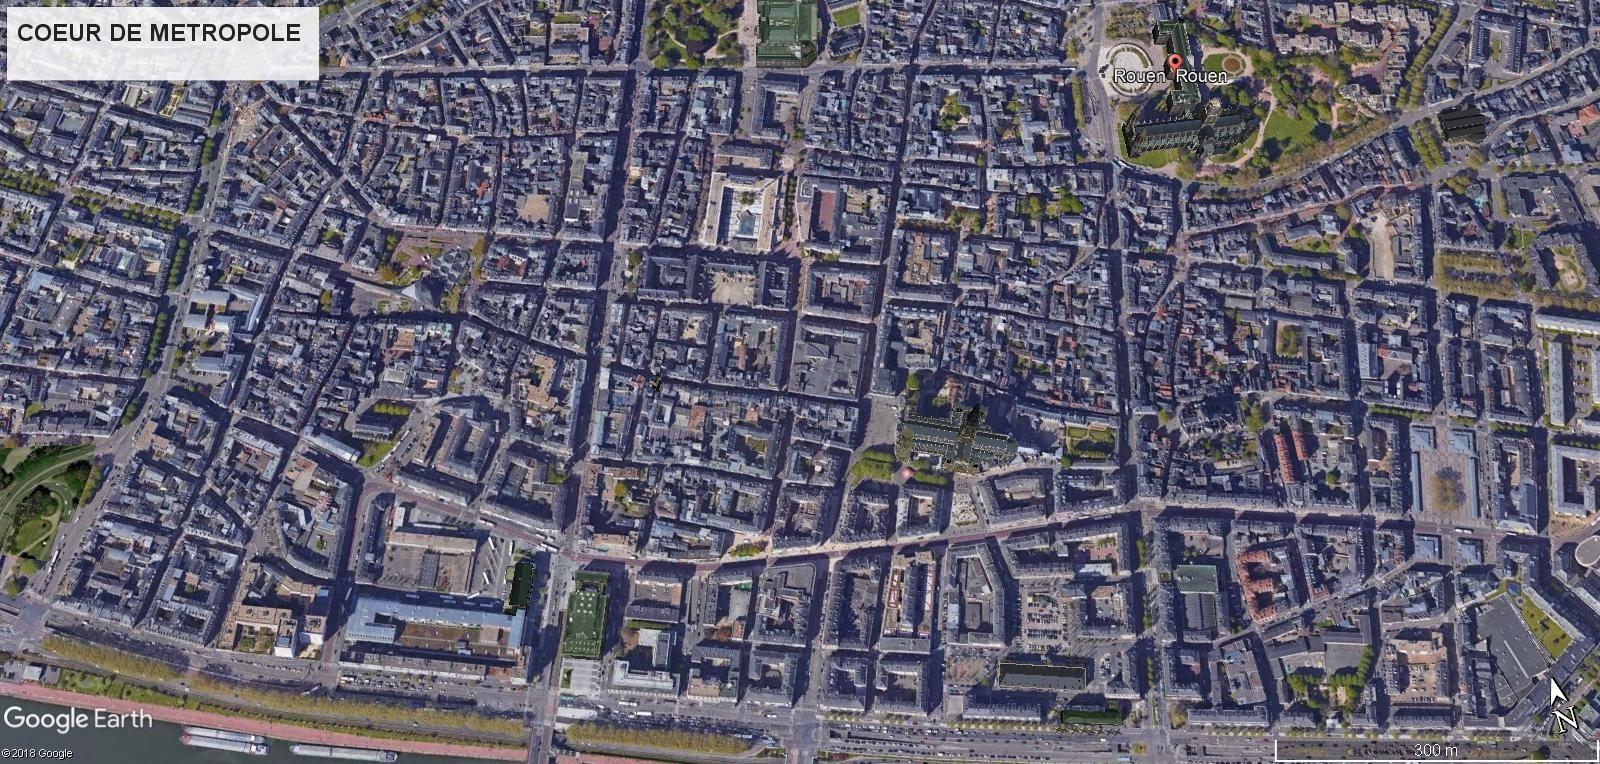 [Bientôt visible sur Google Earth] - Rouen - Coeur de Métropole Coeur_10